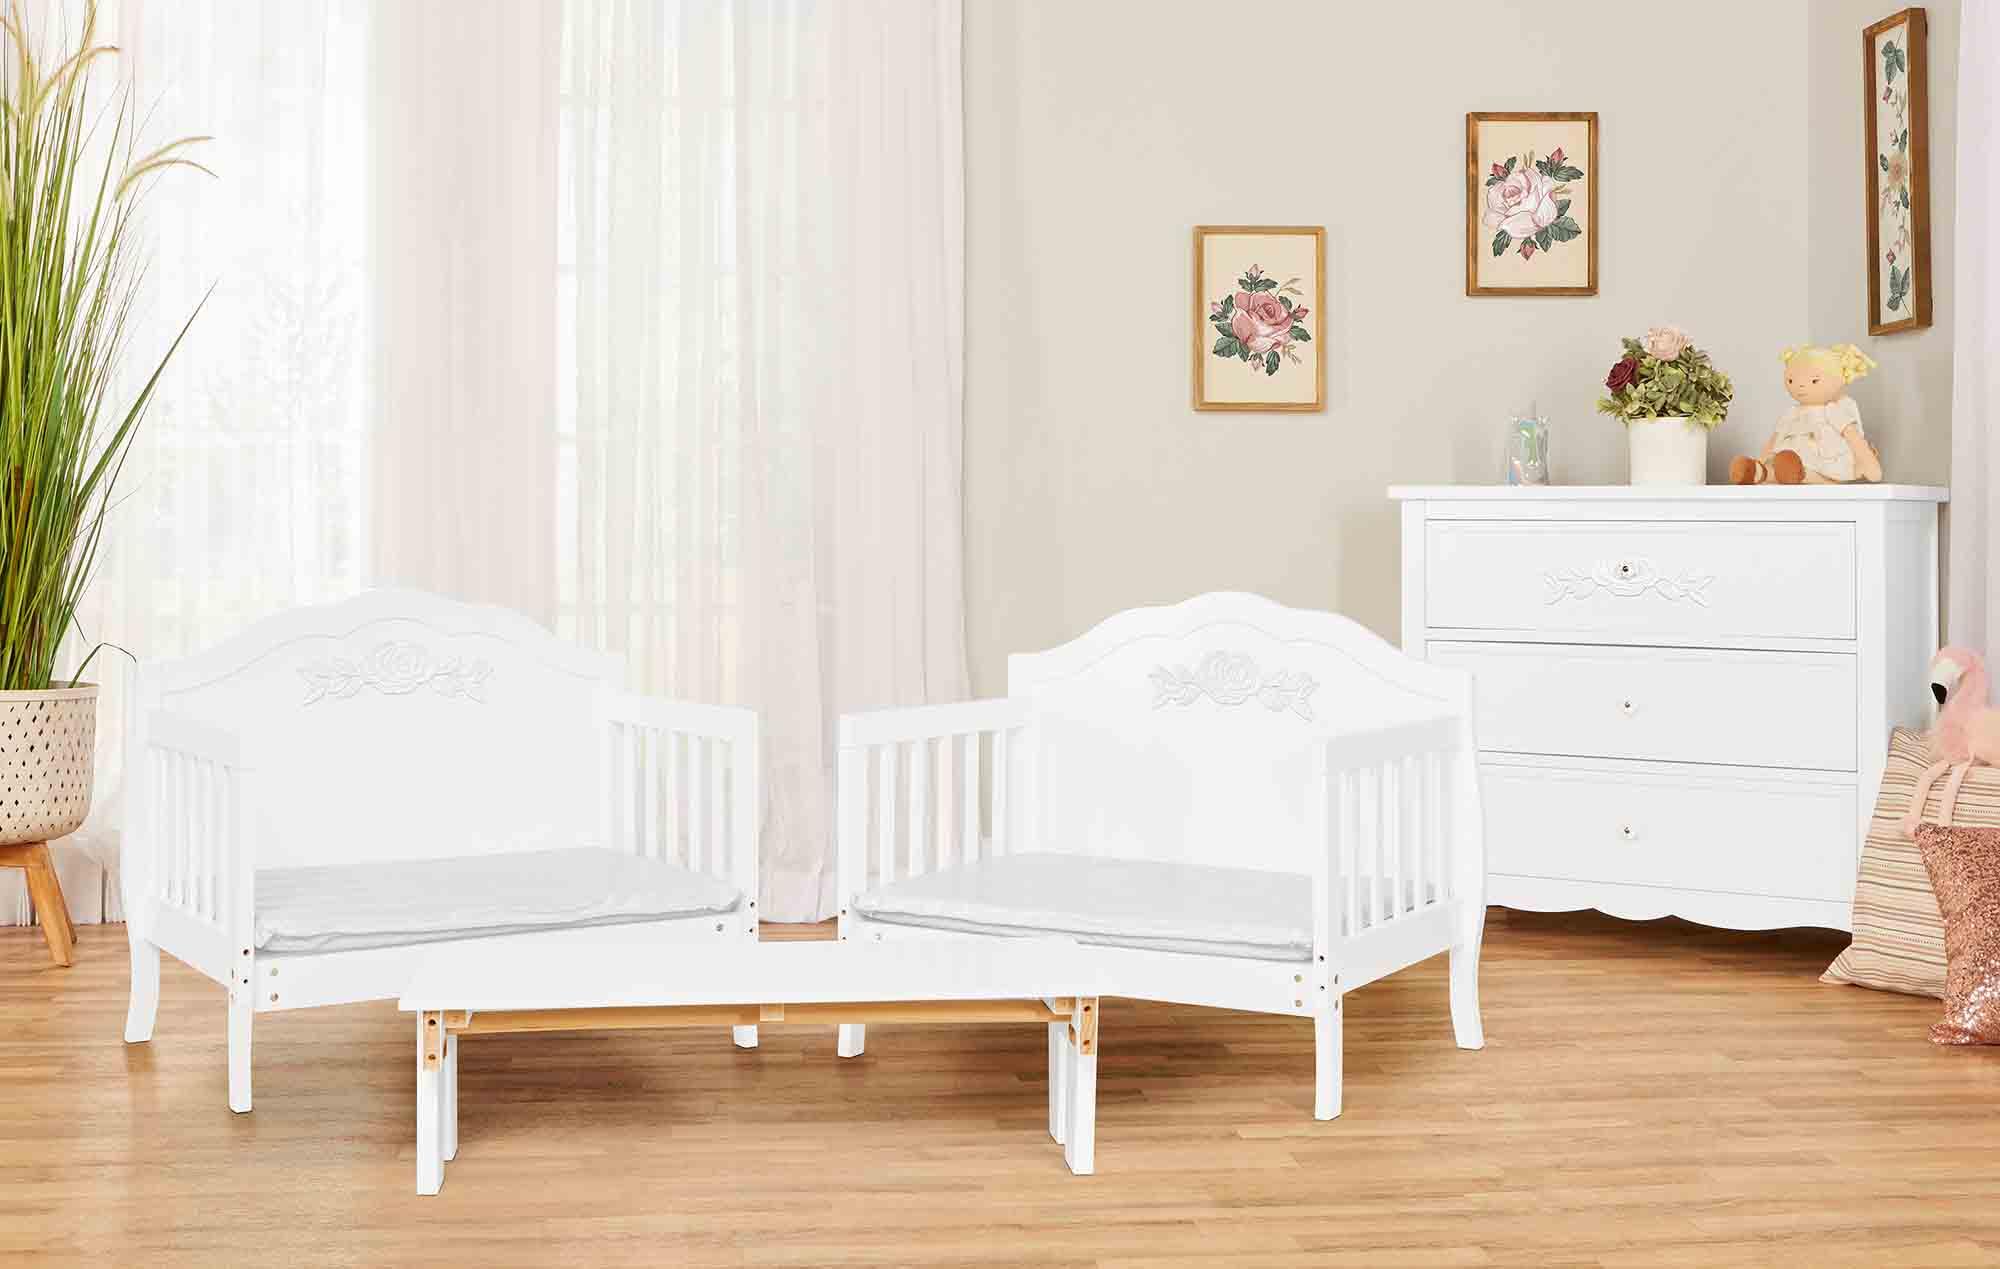 640_WHT Rose Toddler Bed RmScene 01